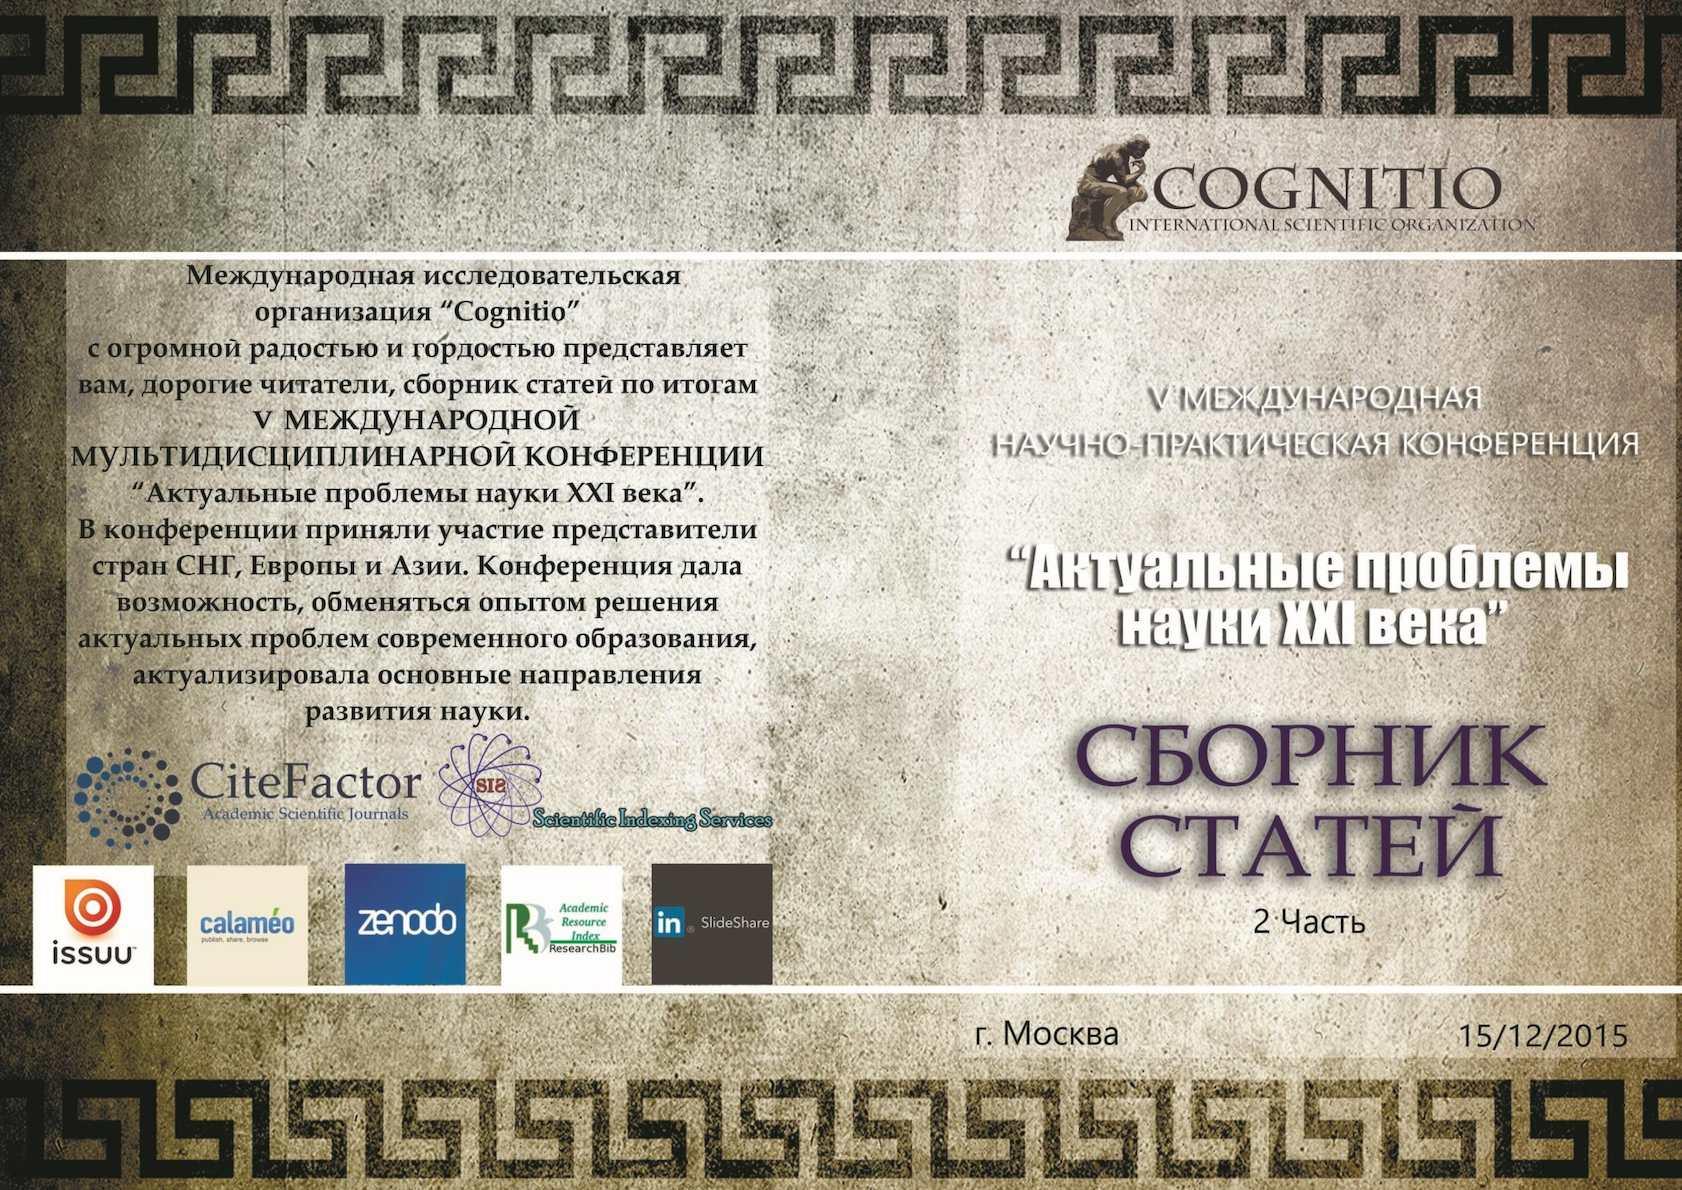 Альфа лаваль официальный сайт россия йошкар ола расписание сеансов ecofour 24f теплообменник